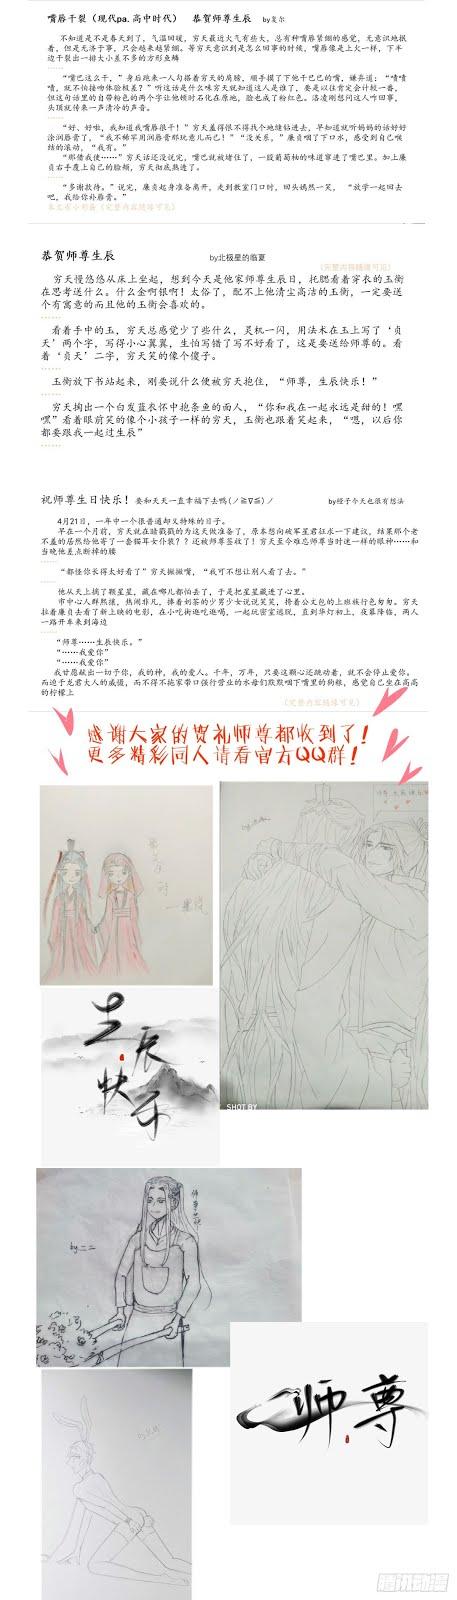 化龍記: 師尊生辰賀禮(同人圖文免費章) - 第11页